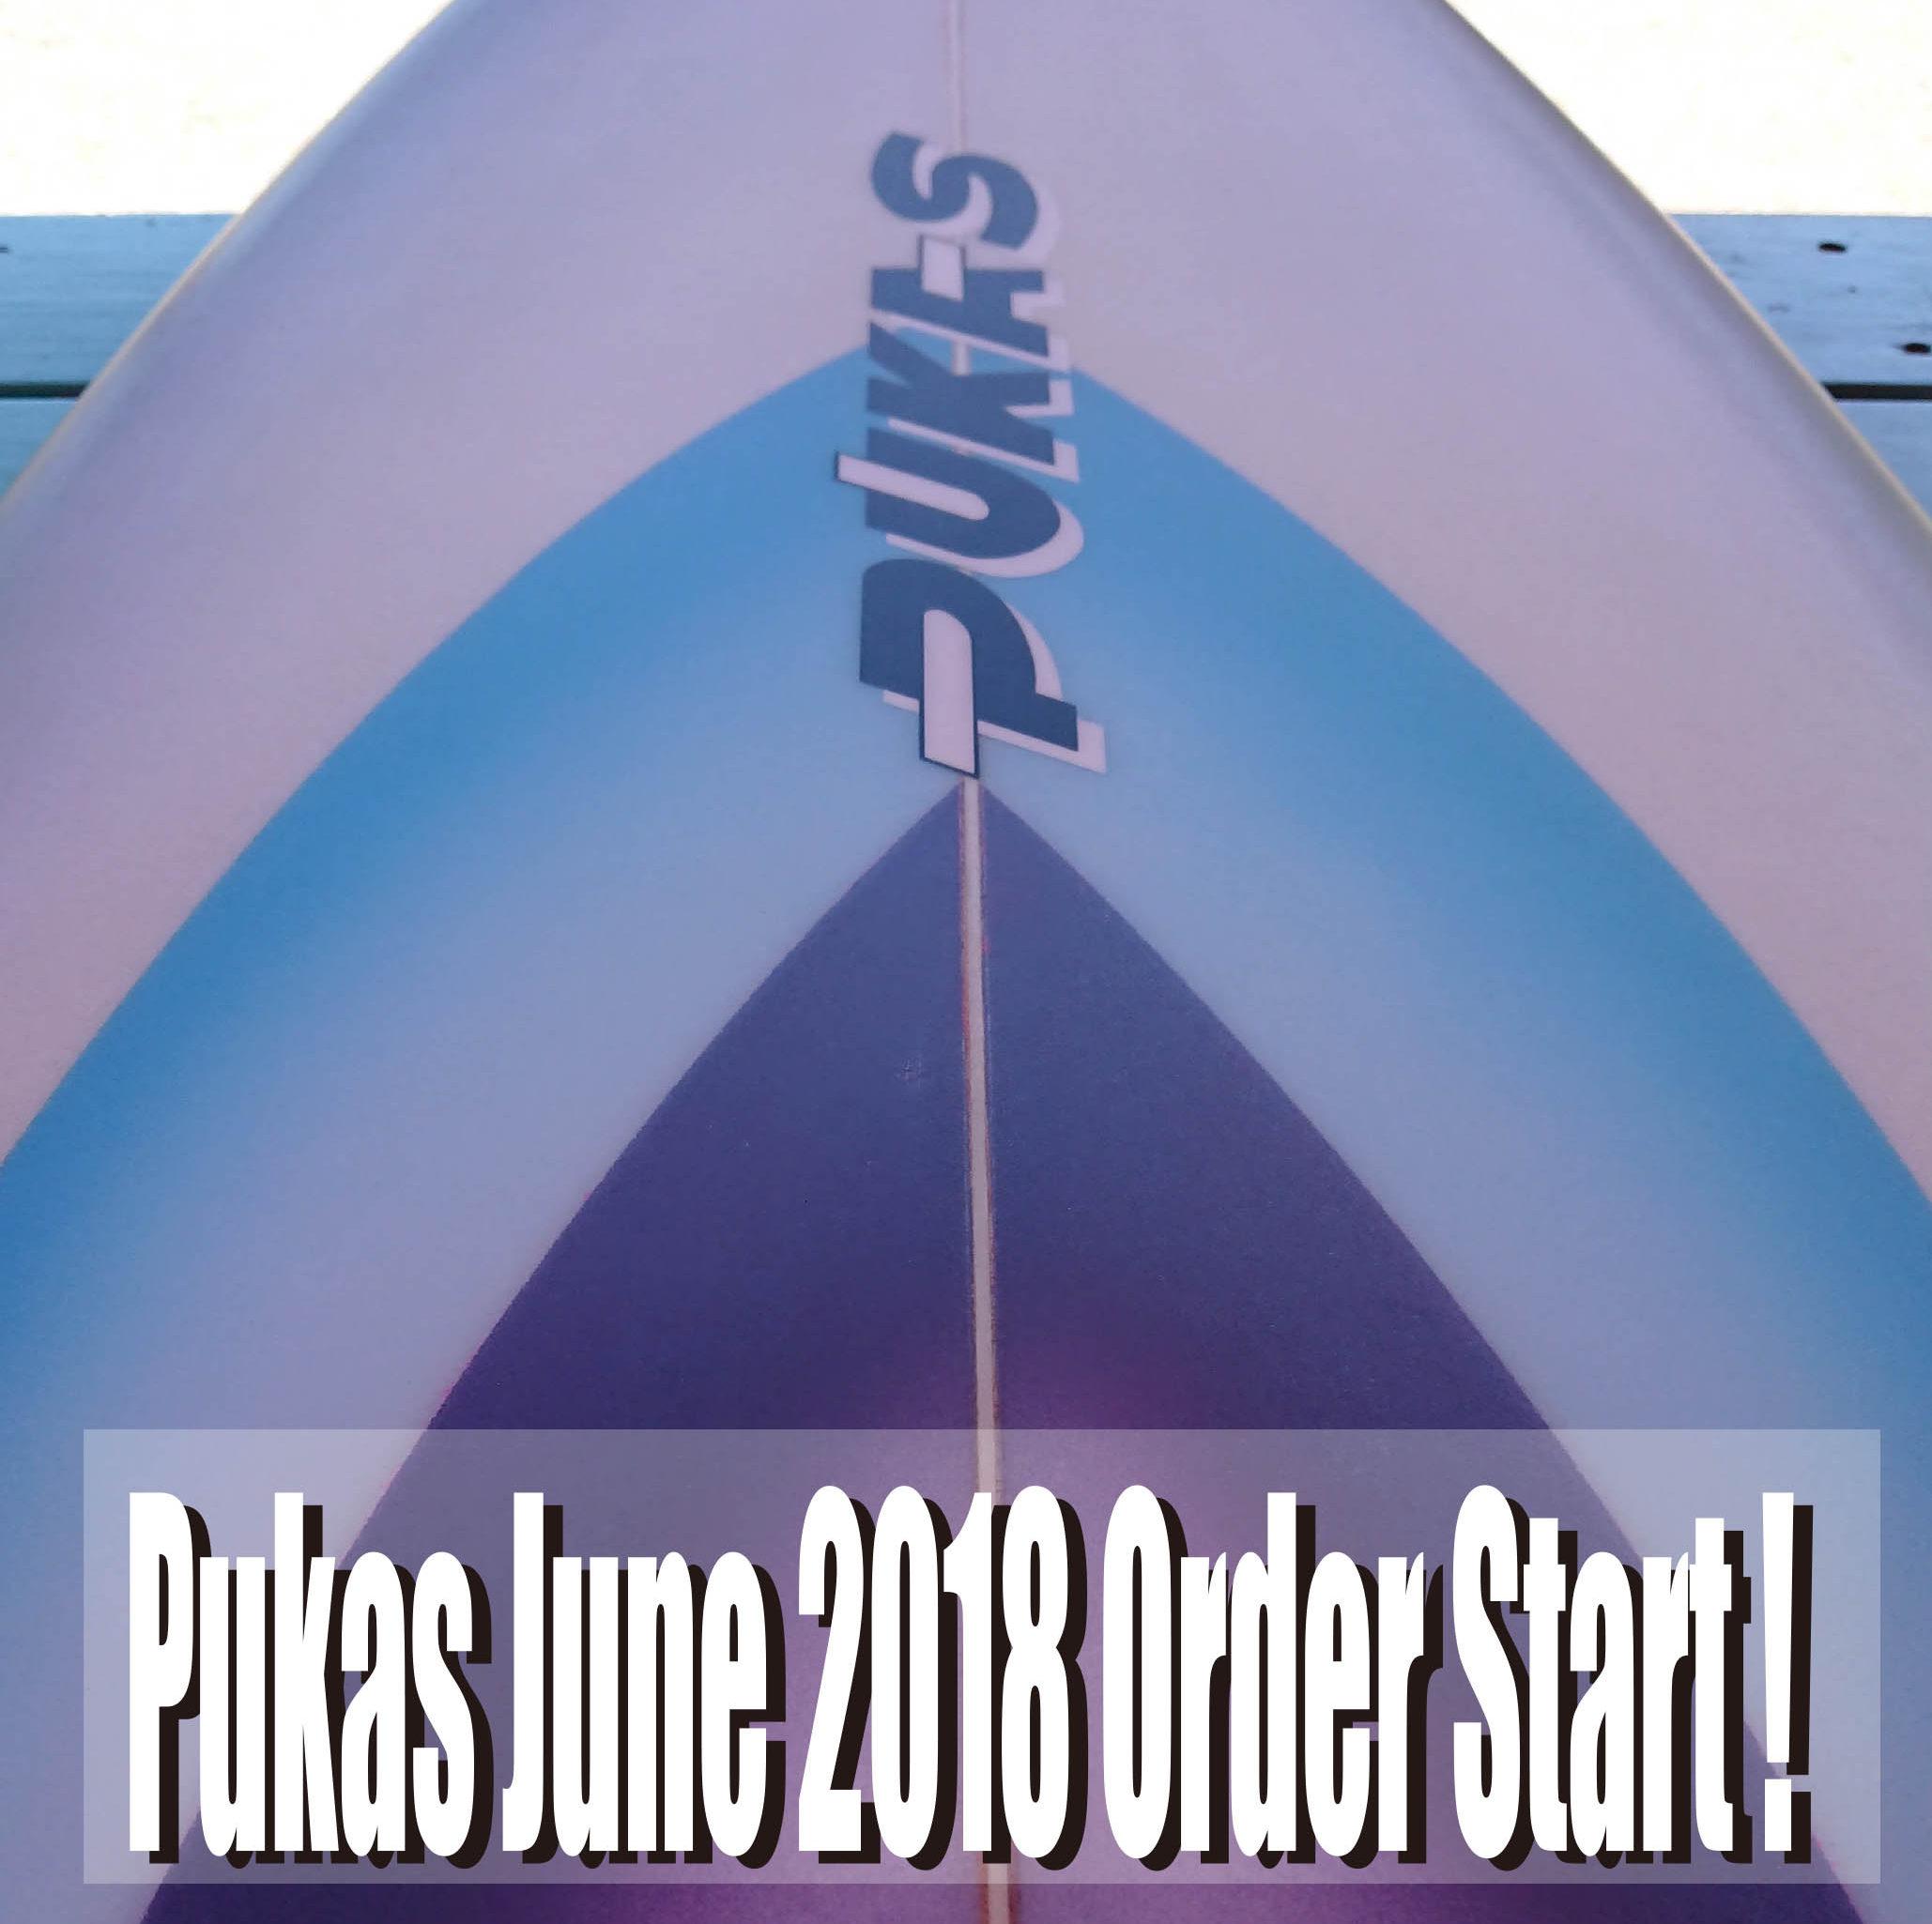 PUKAS サーフボード オーダー受付け開始!